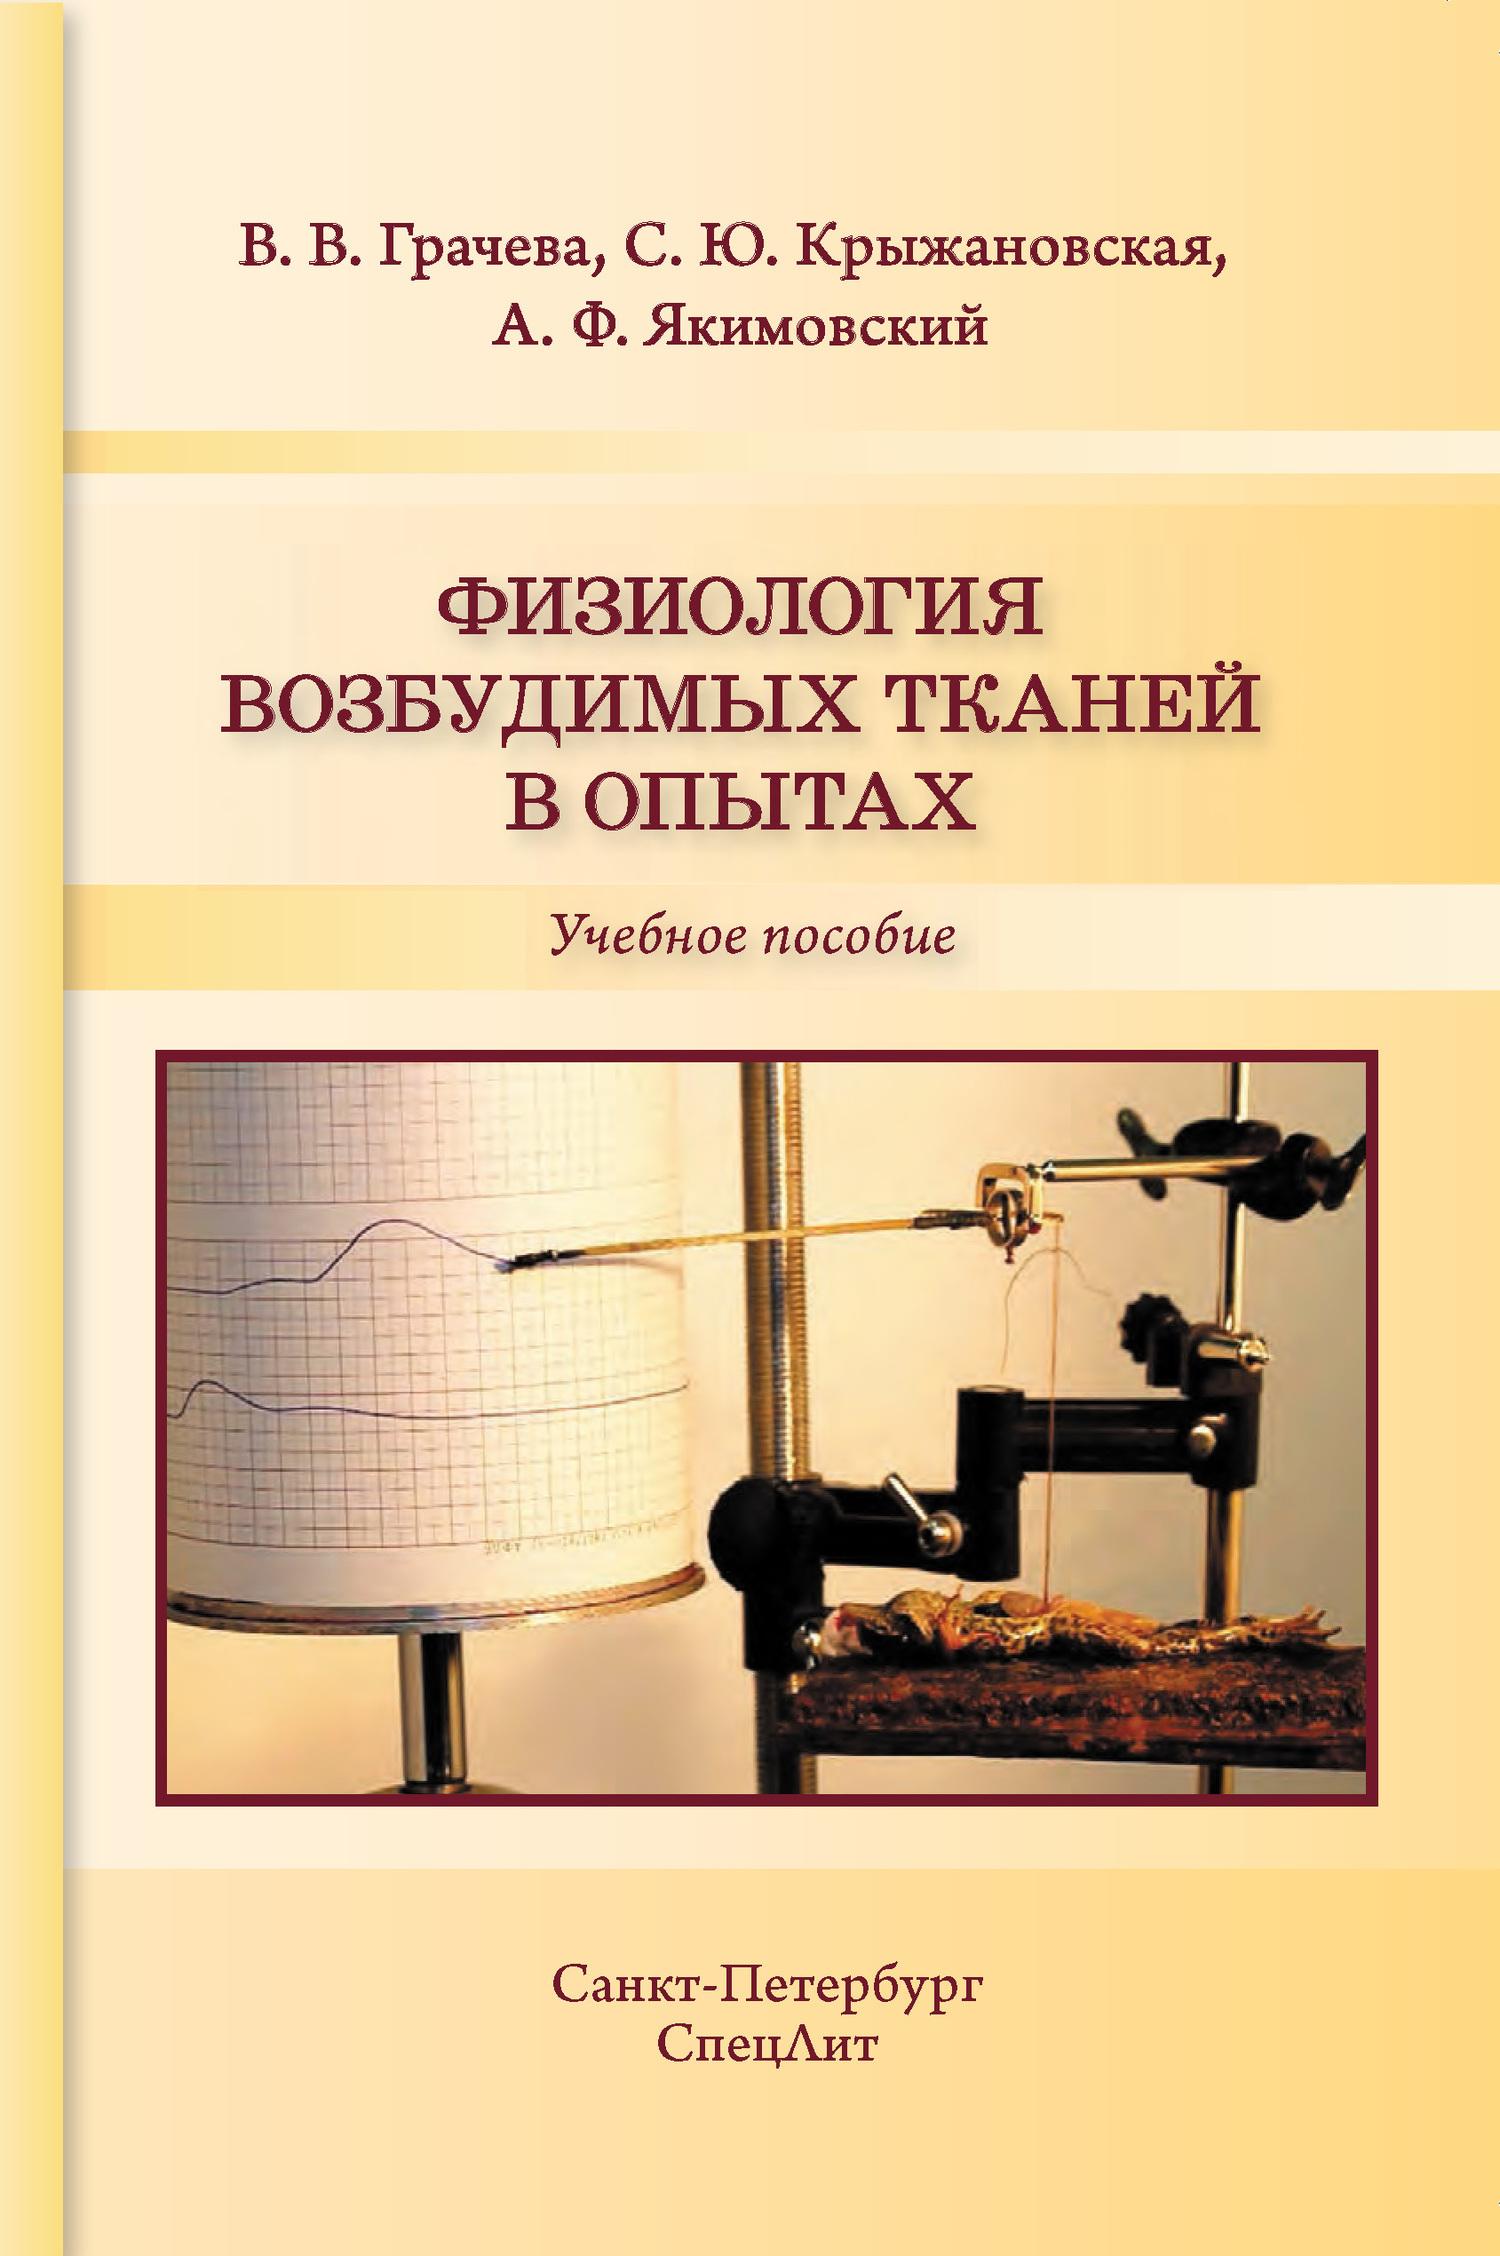 Андрей Якимовский, Вера Грачева - Физиология возбудимых тканей в опытах